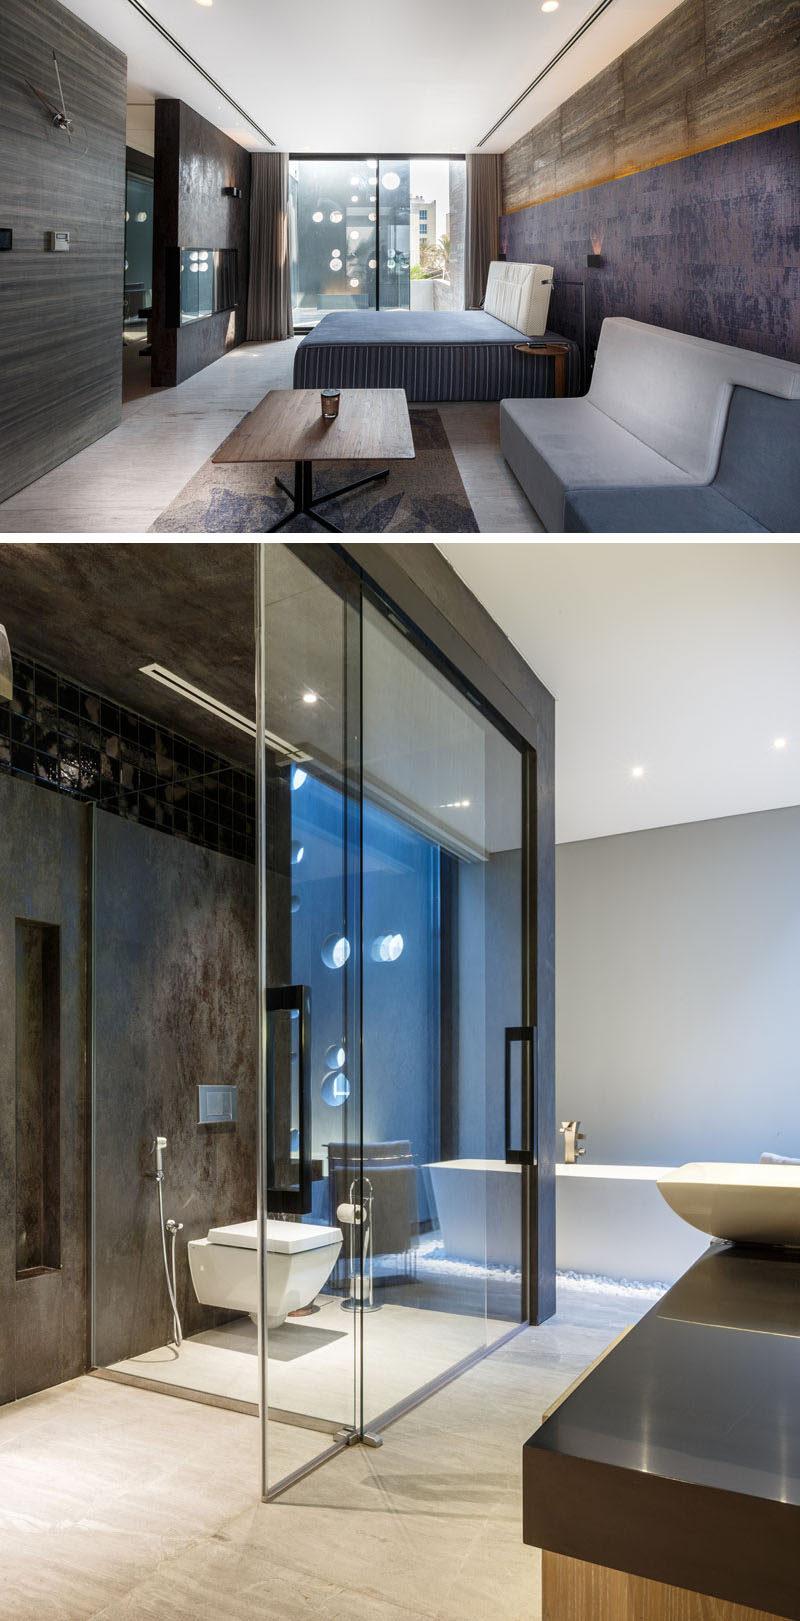 This dramatic bedroom has an ensuite bathroom with walk-in shower. #ModernBedroom #EnsuiteBathroom #ModernBathroom